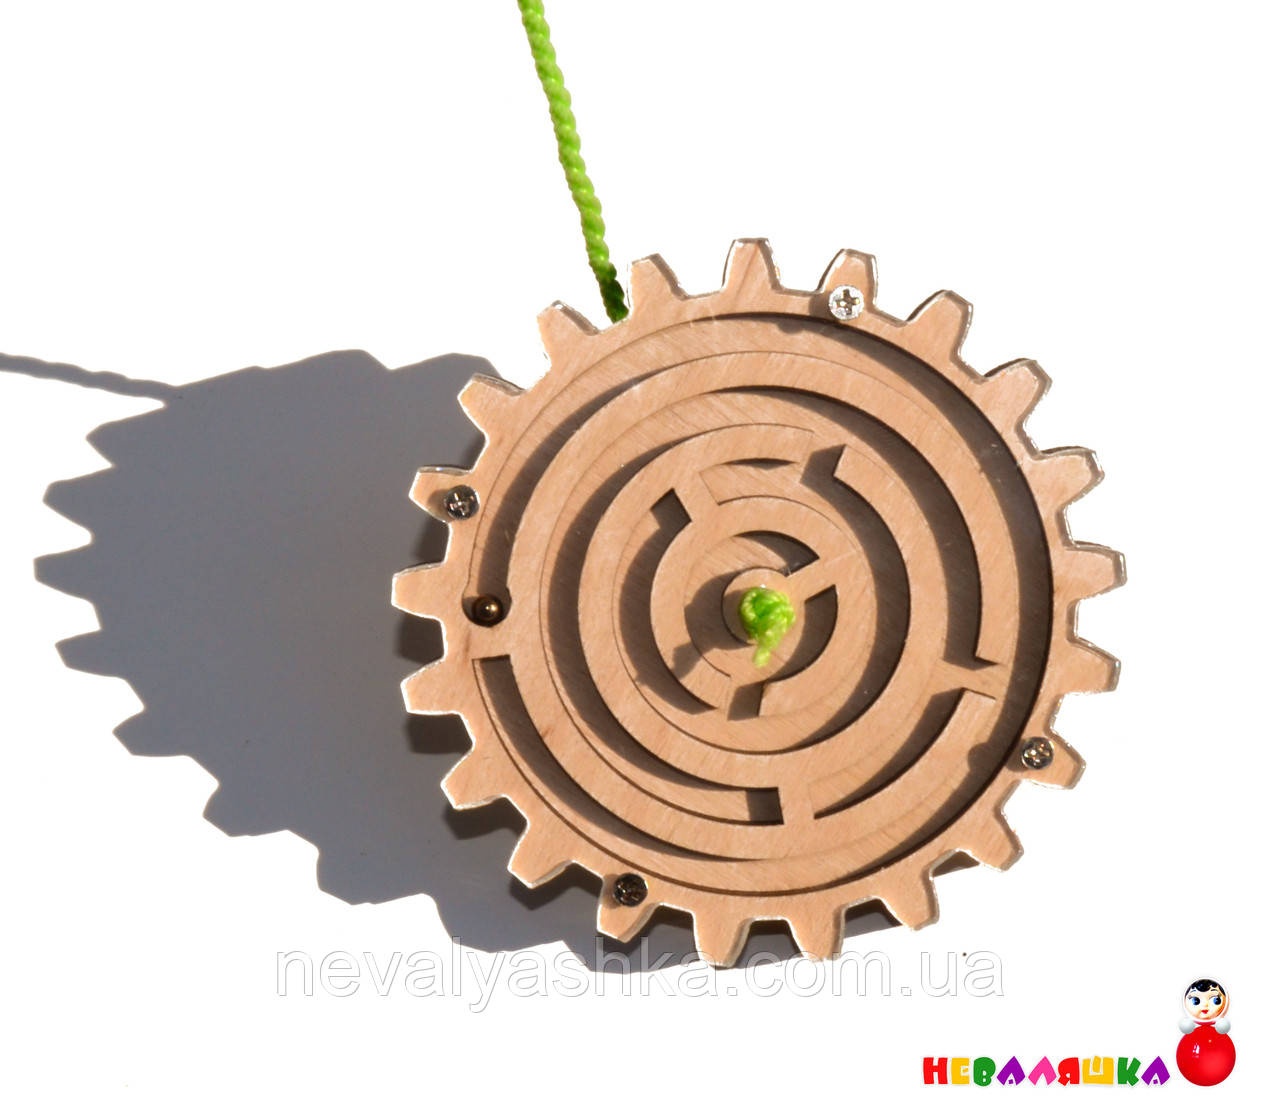 Заготовка для Бизиборда Деревянная Шестеренка - Лабиринт с Шариком 9см дерев'яні шестерінки з бісером бізіборд